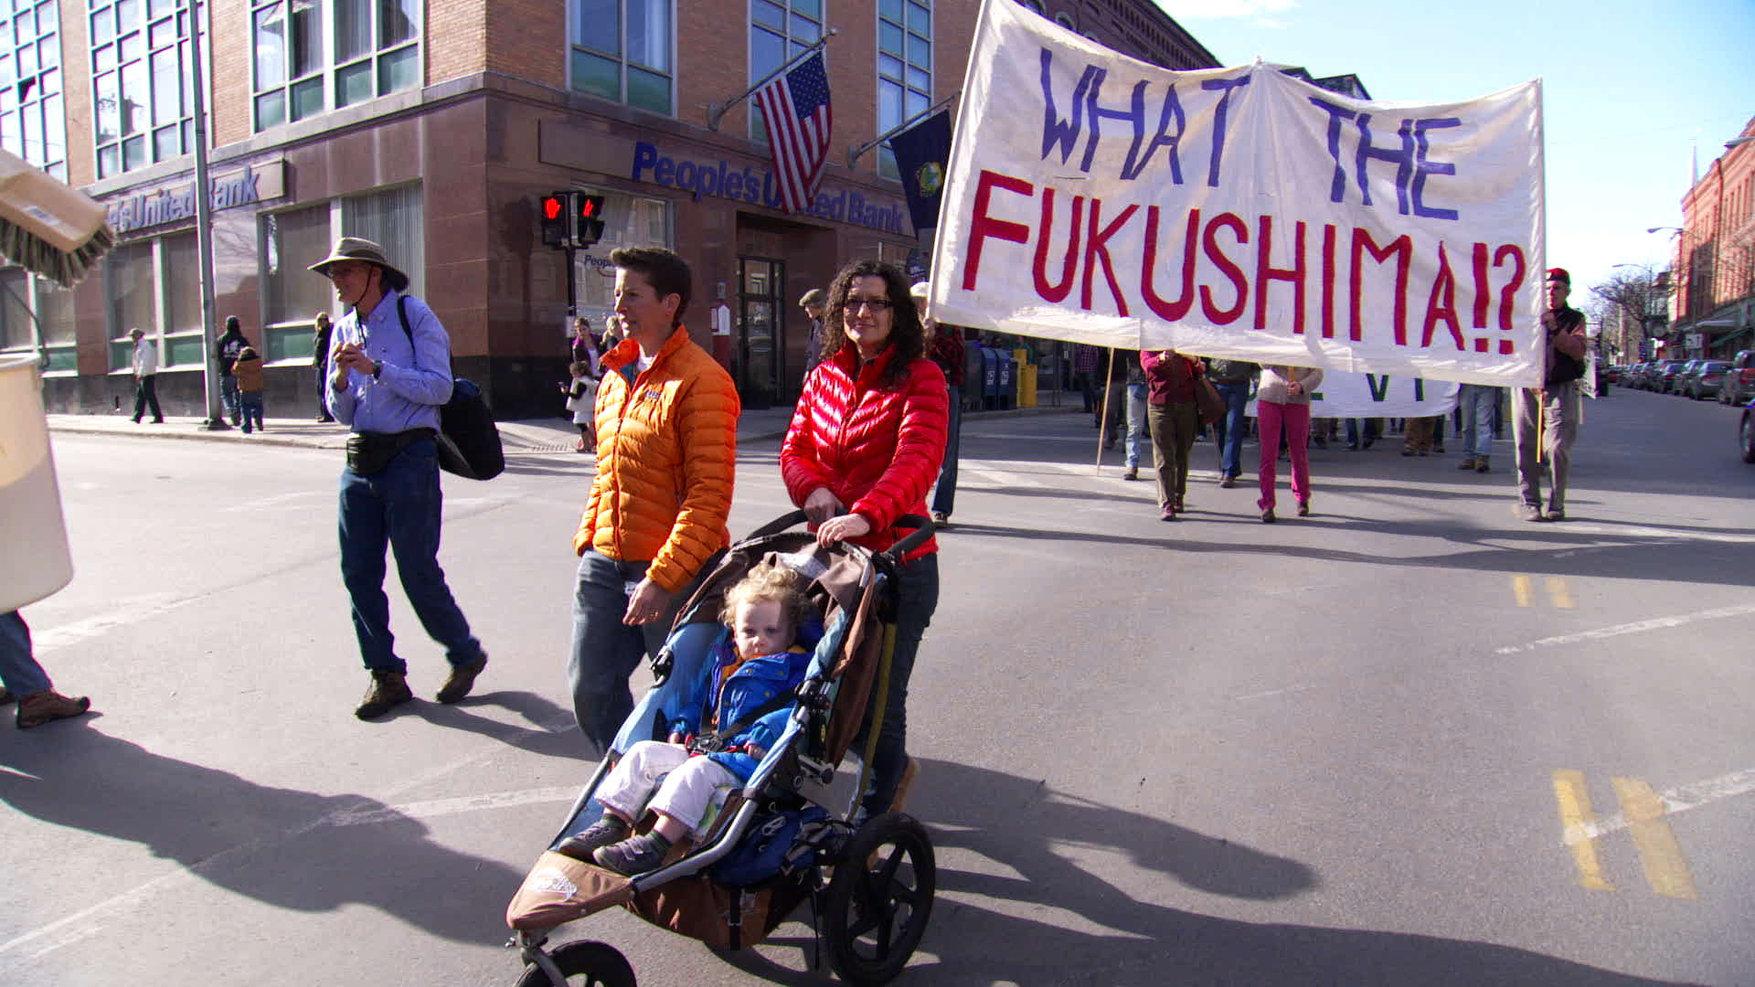 20-POWER_STRUGGLE-What_The_Fukushima.jpg